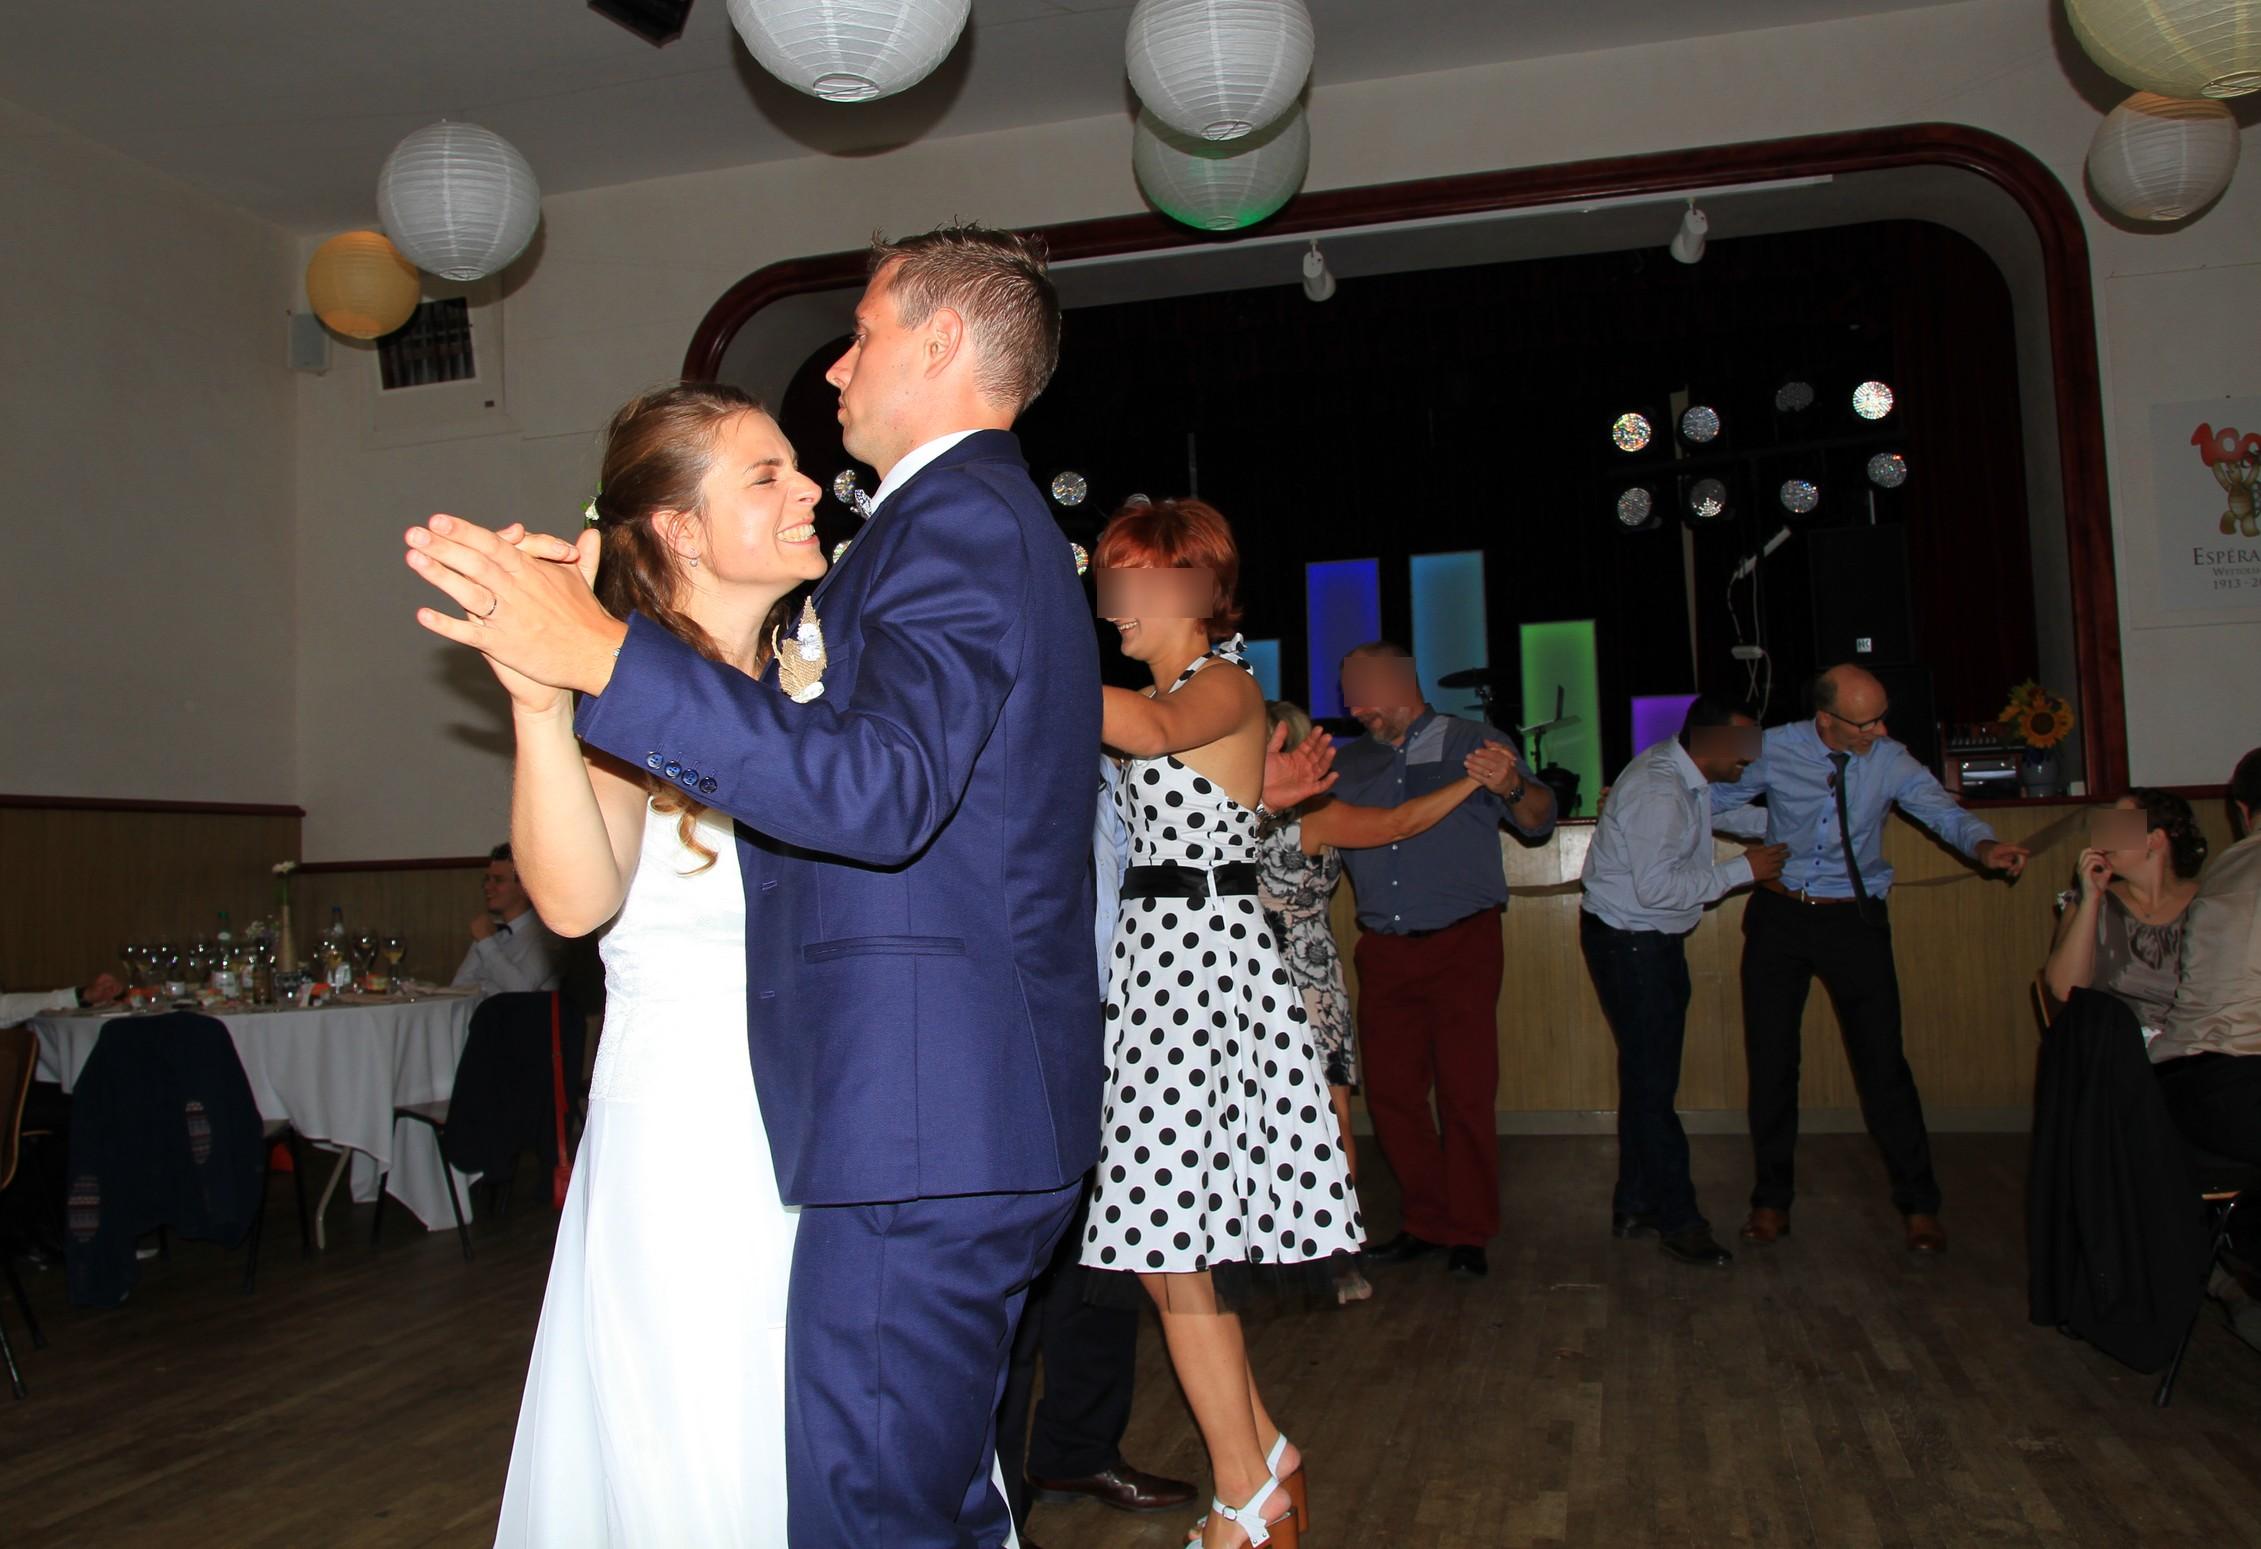 Mon mariage mélodieux et convivial : la soirée que nous avons vécue